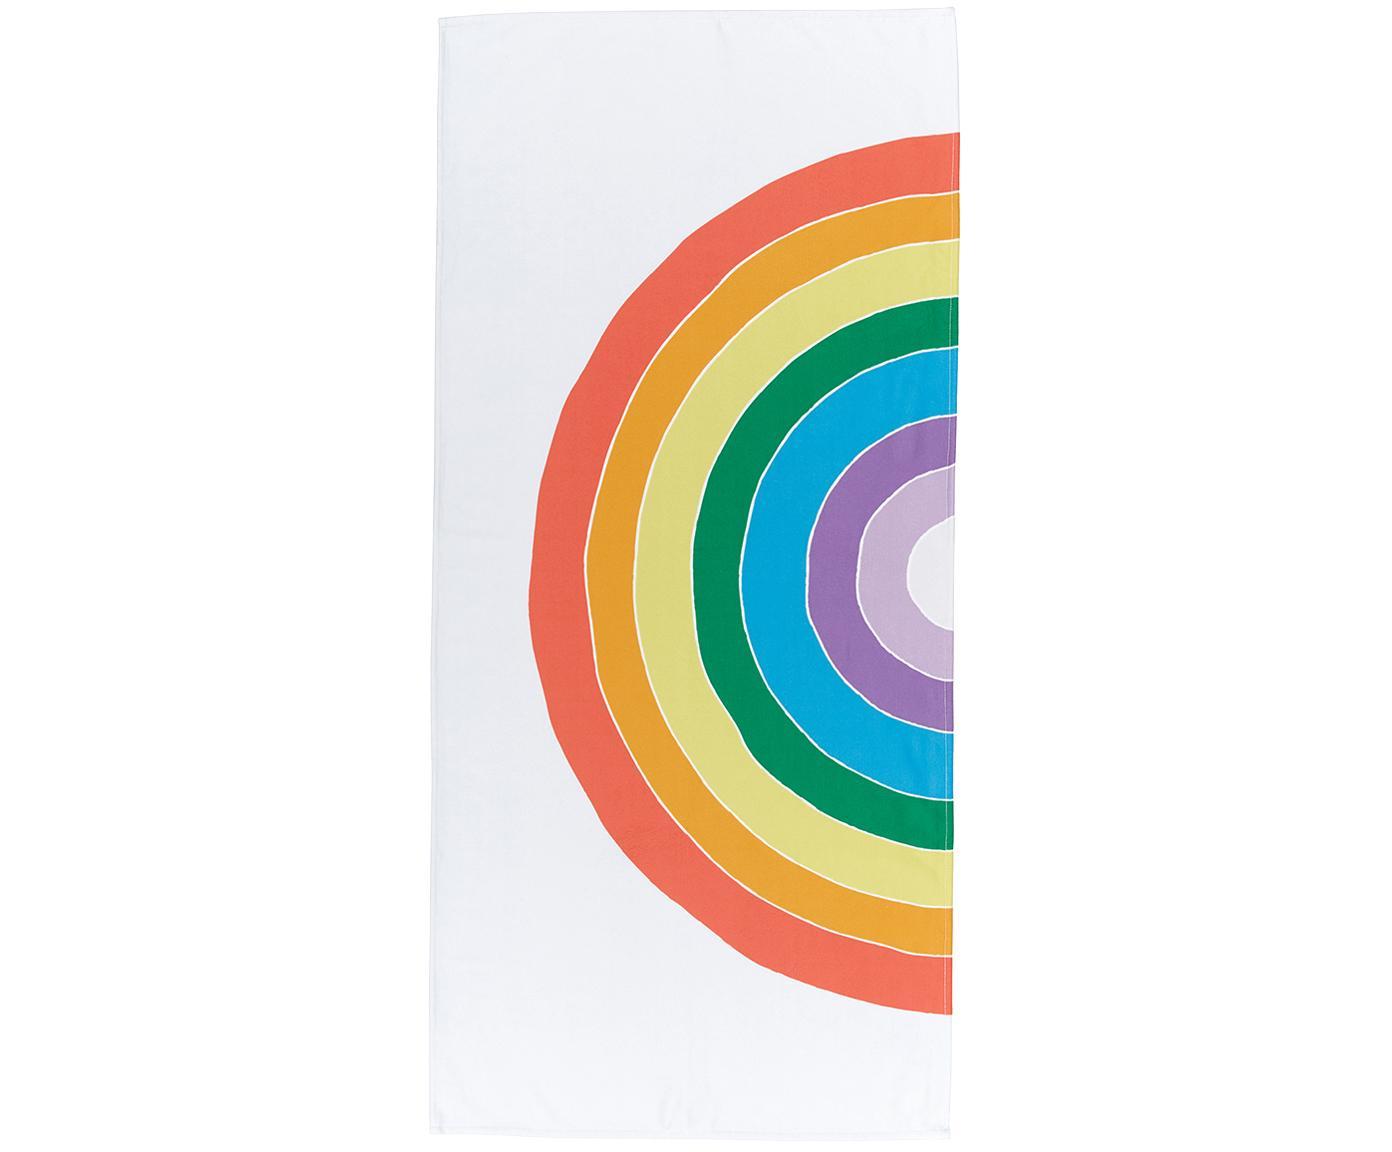 Ręcznik plażowy Rainbow, 55% poliester, 45% bawełna Bardzo niska gramatura, 340 g/m², Wielobarwny, S 70 x D 150 cm